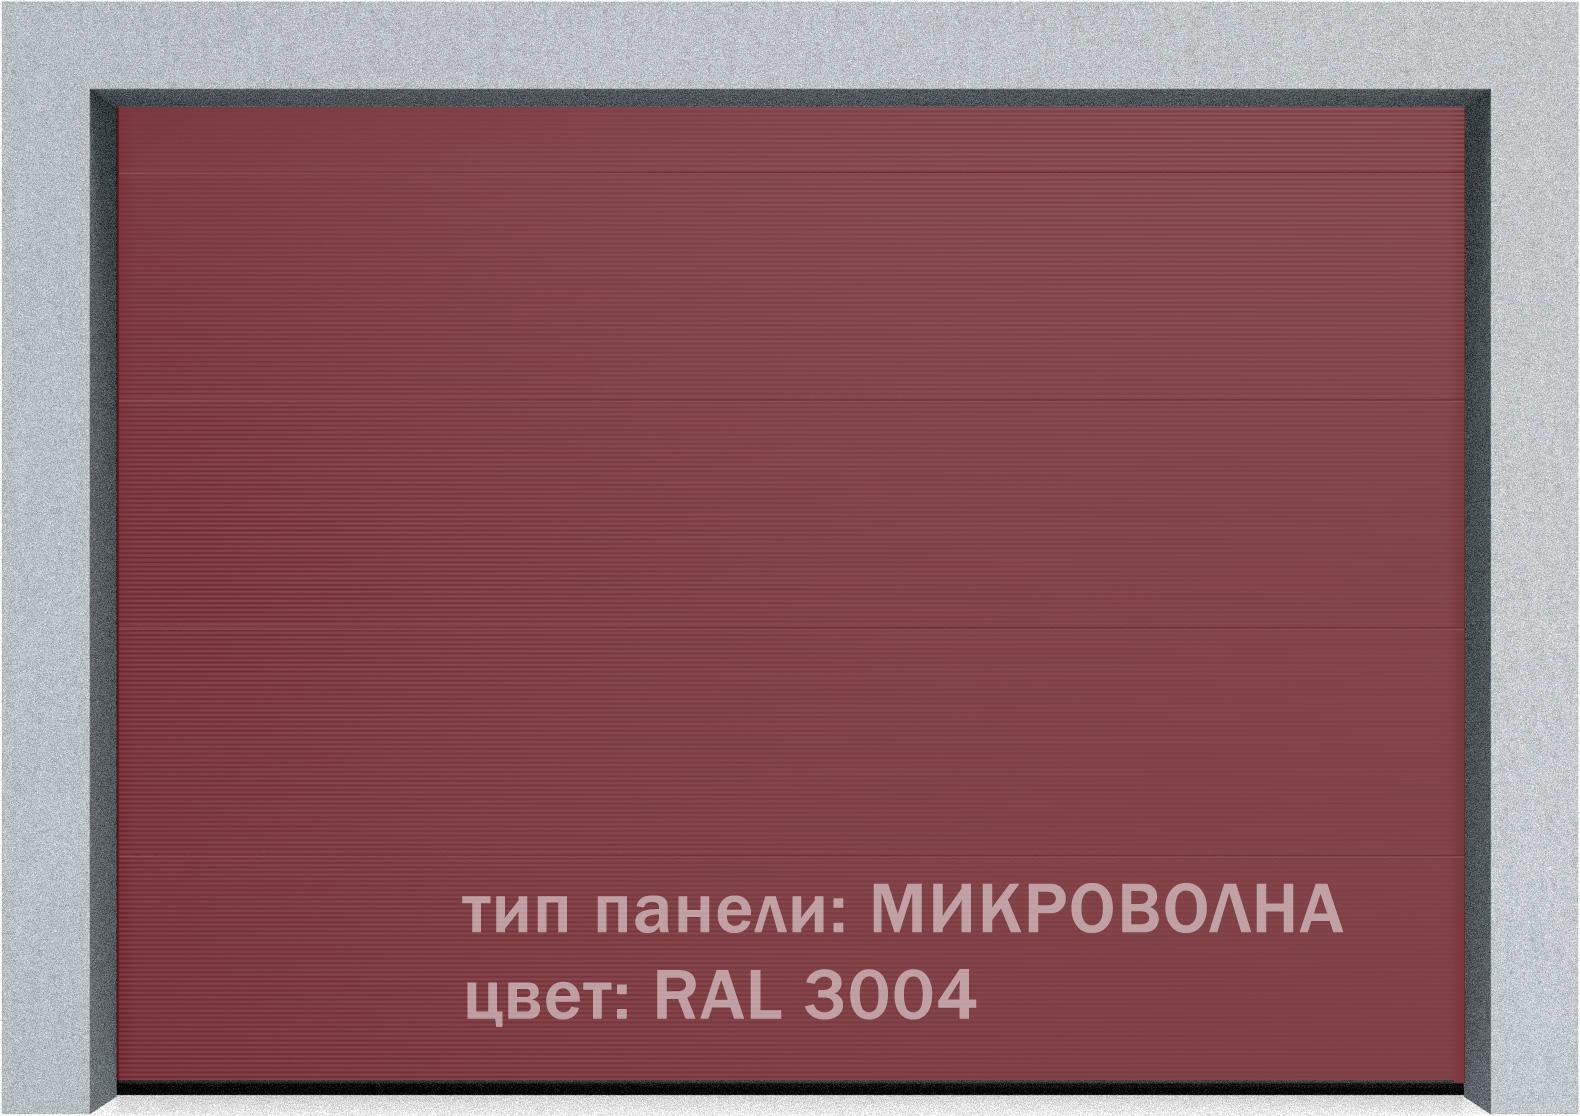 Секционные промышленные ворота Alutech ProTrend 2750х2250 S-гофр, Микроволна стандартные цвета, фото 15